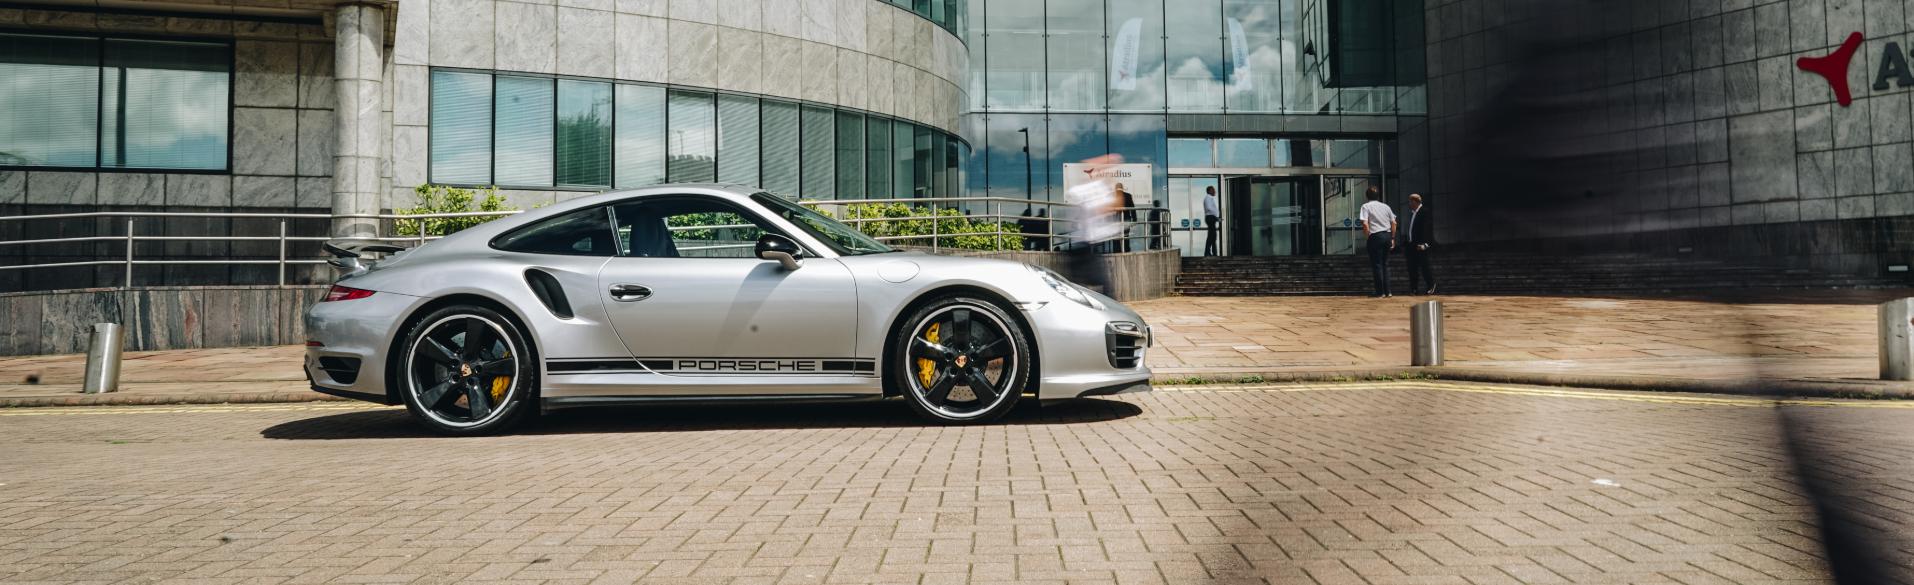 Porsche Parked